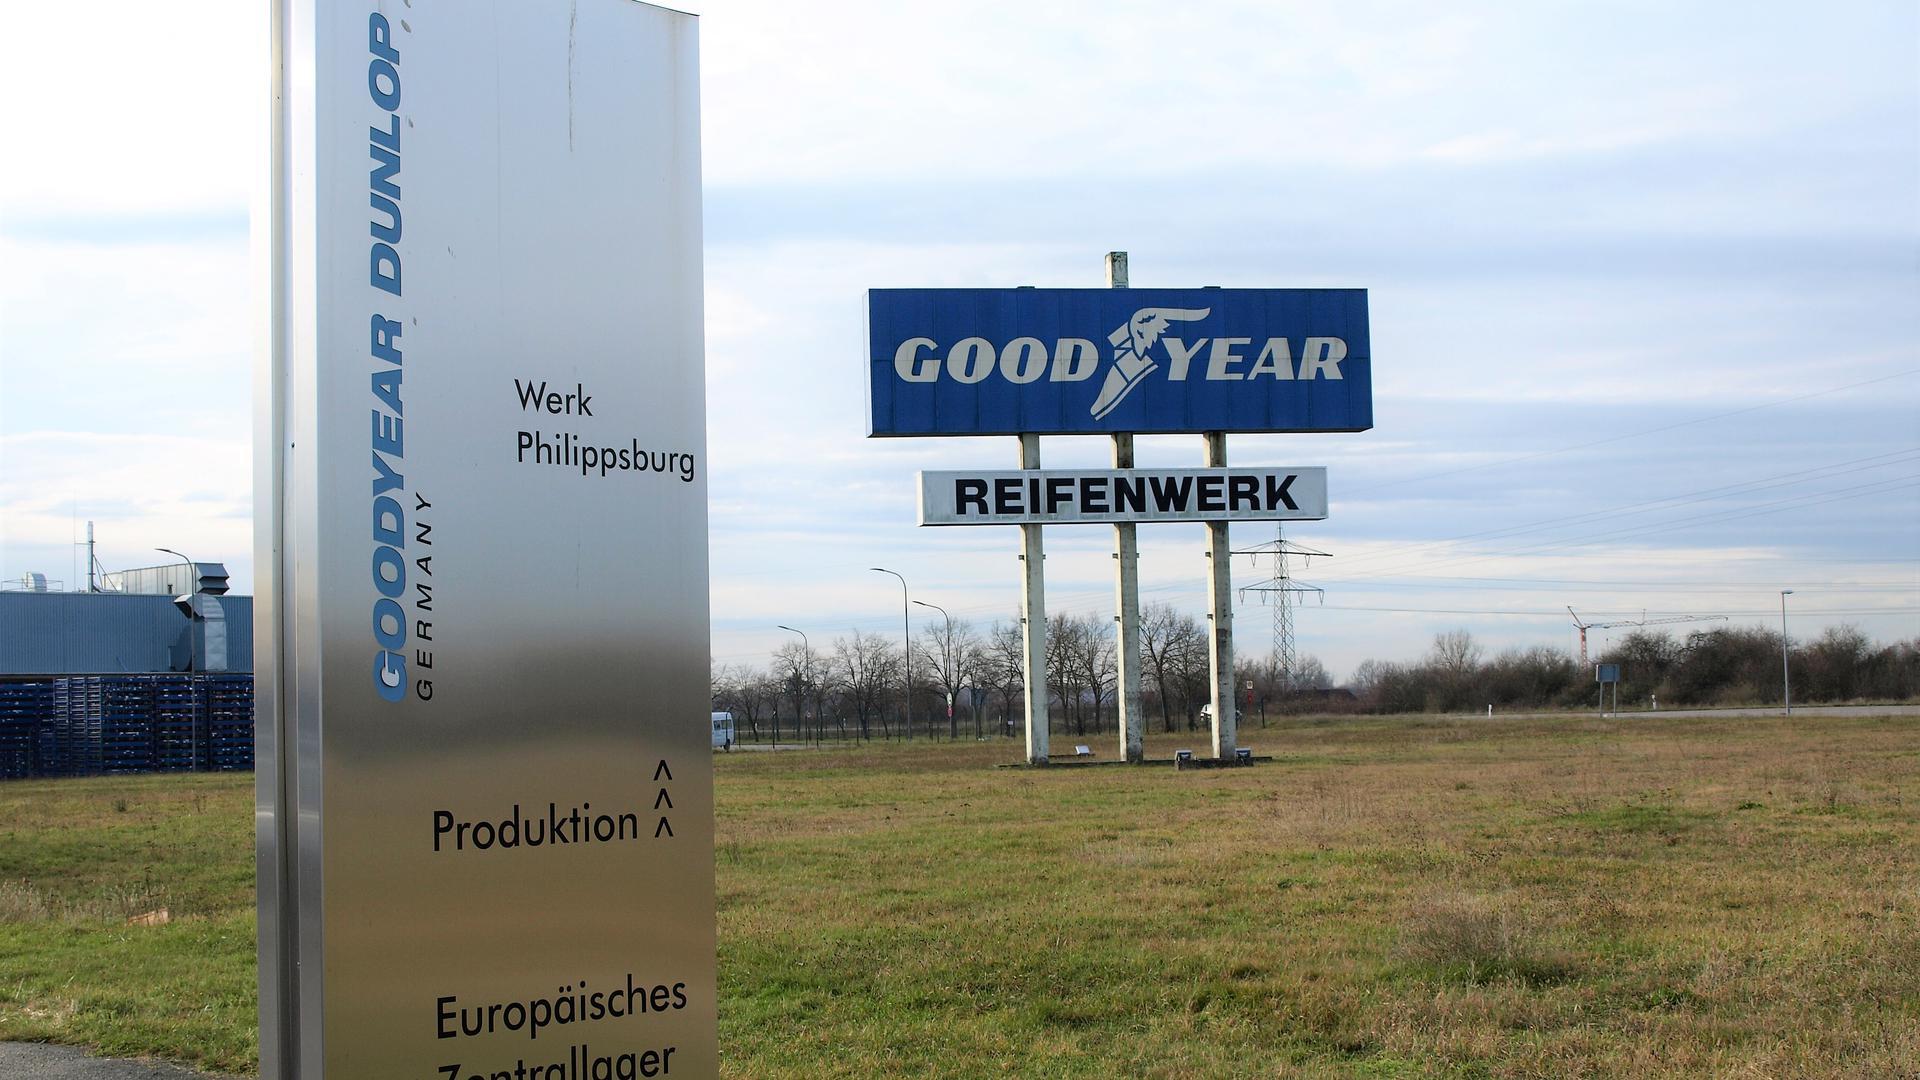 Freies Gelände mit Goodyear Schild